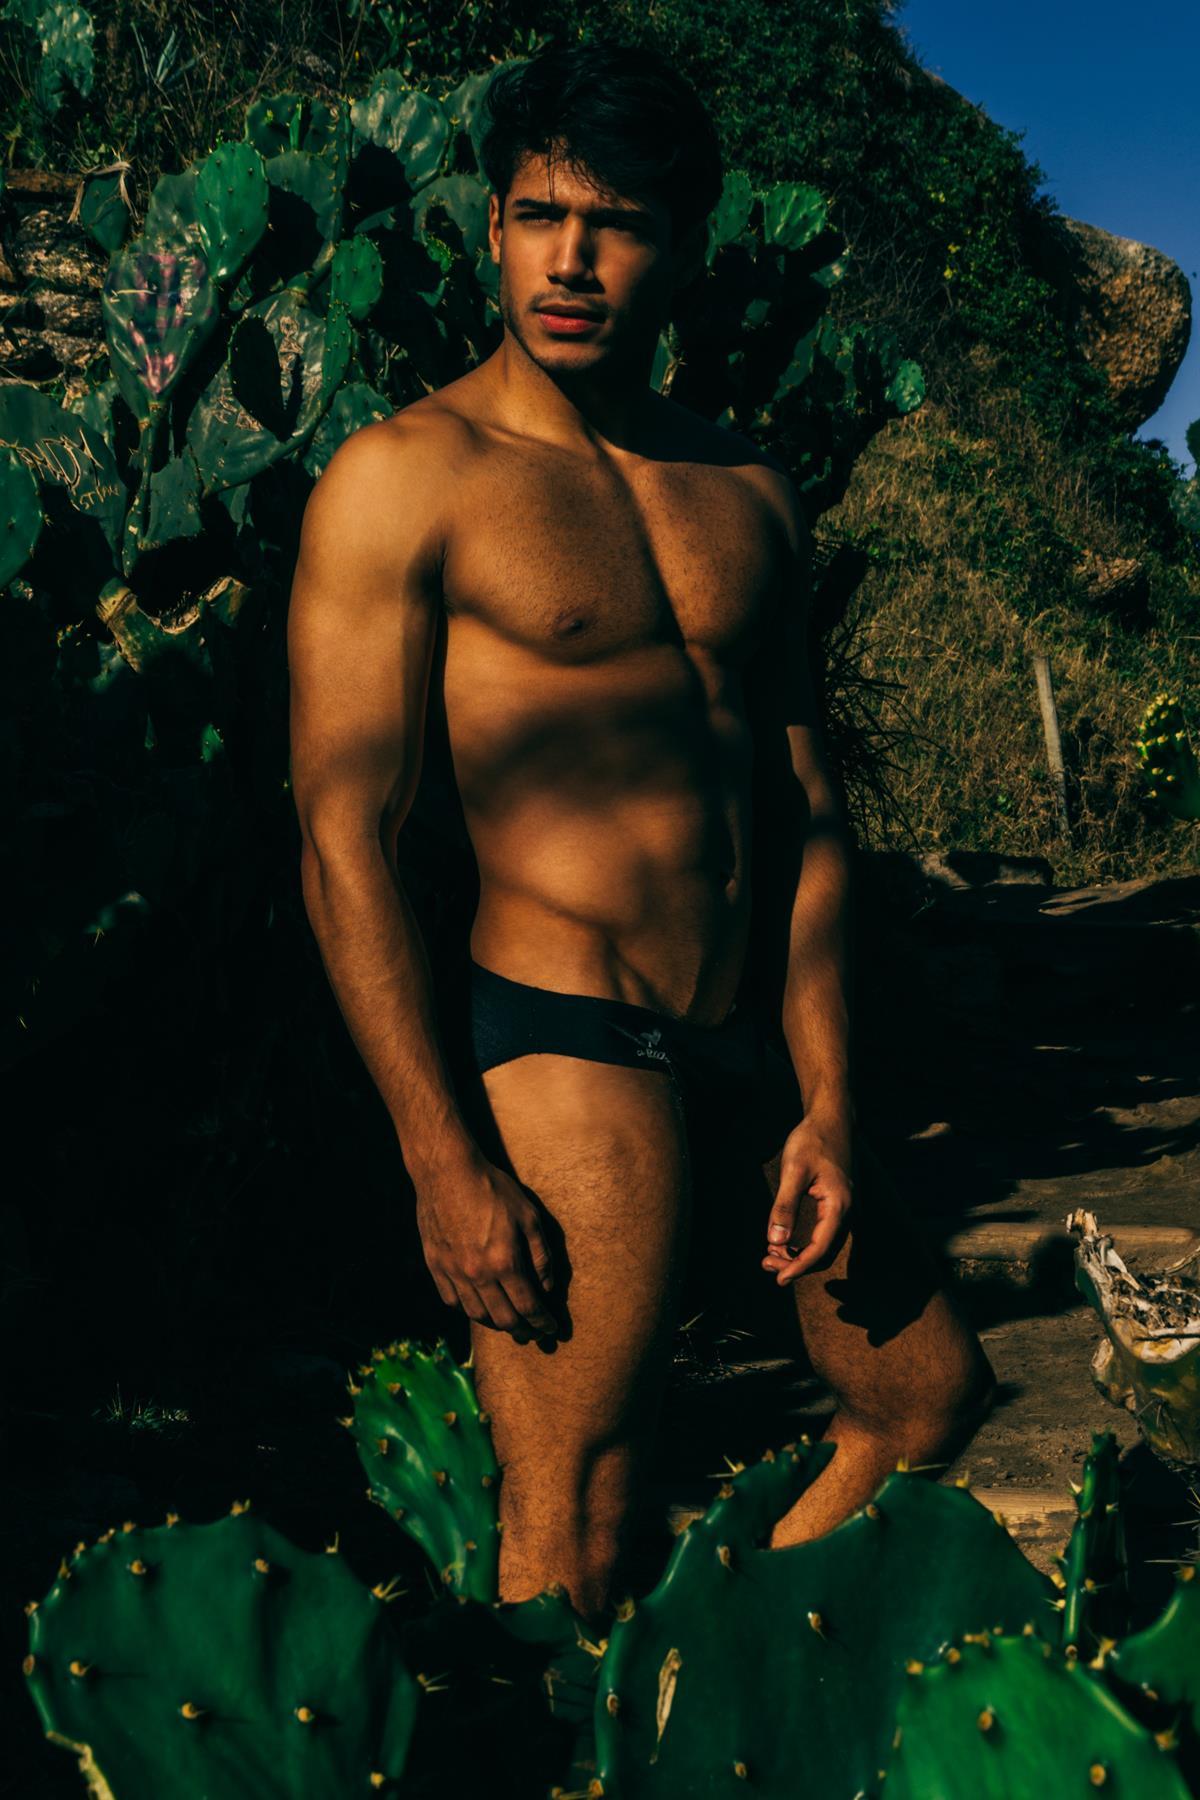 Igor Costa by Beto Urbano for Brazilian Male Model